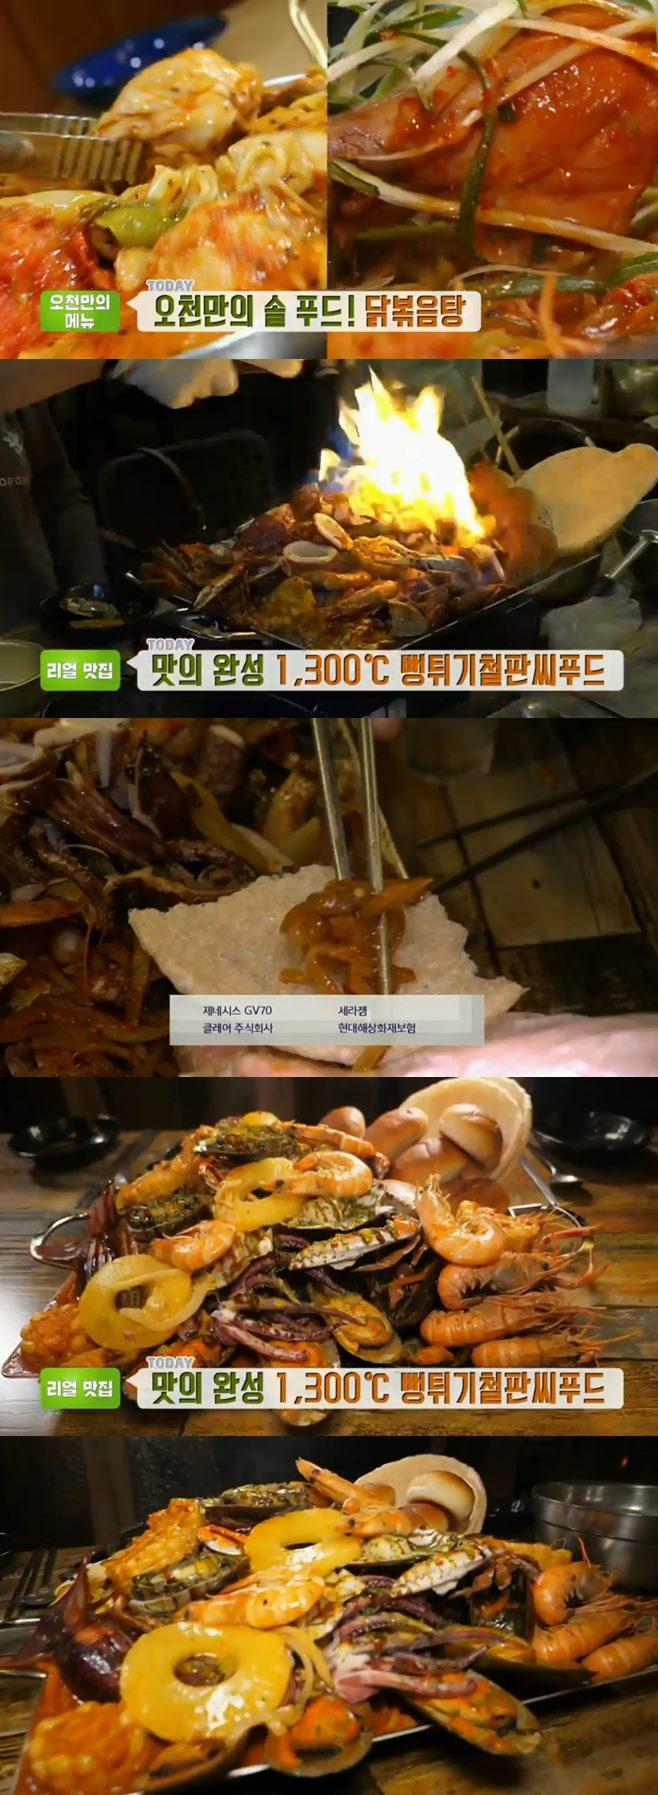 '생방송투데이' 솥뚜껑닭볶음탕+도비네꽃도리탕+박명주브라더+뻥튀기철판씨푸드(충주해남하우스) 맛집